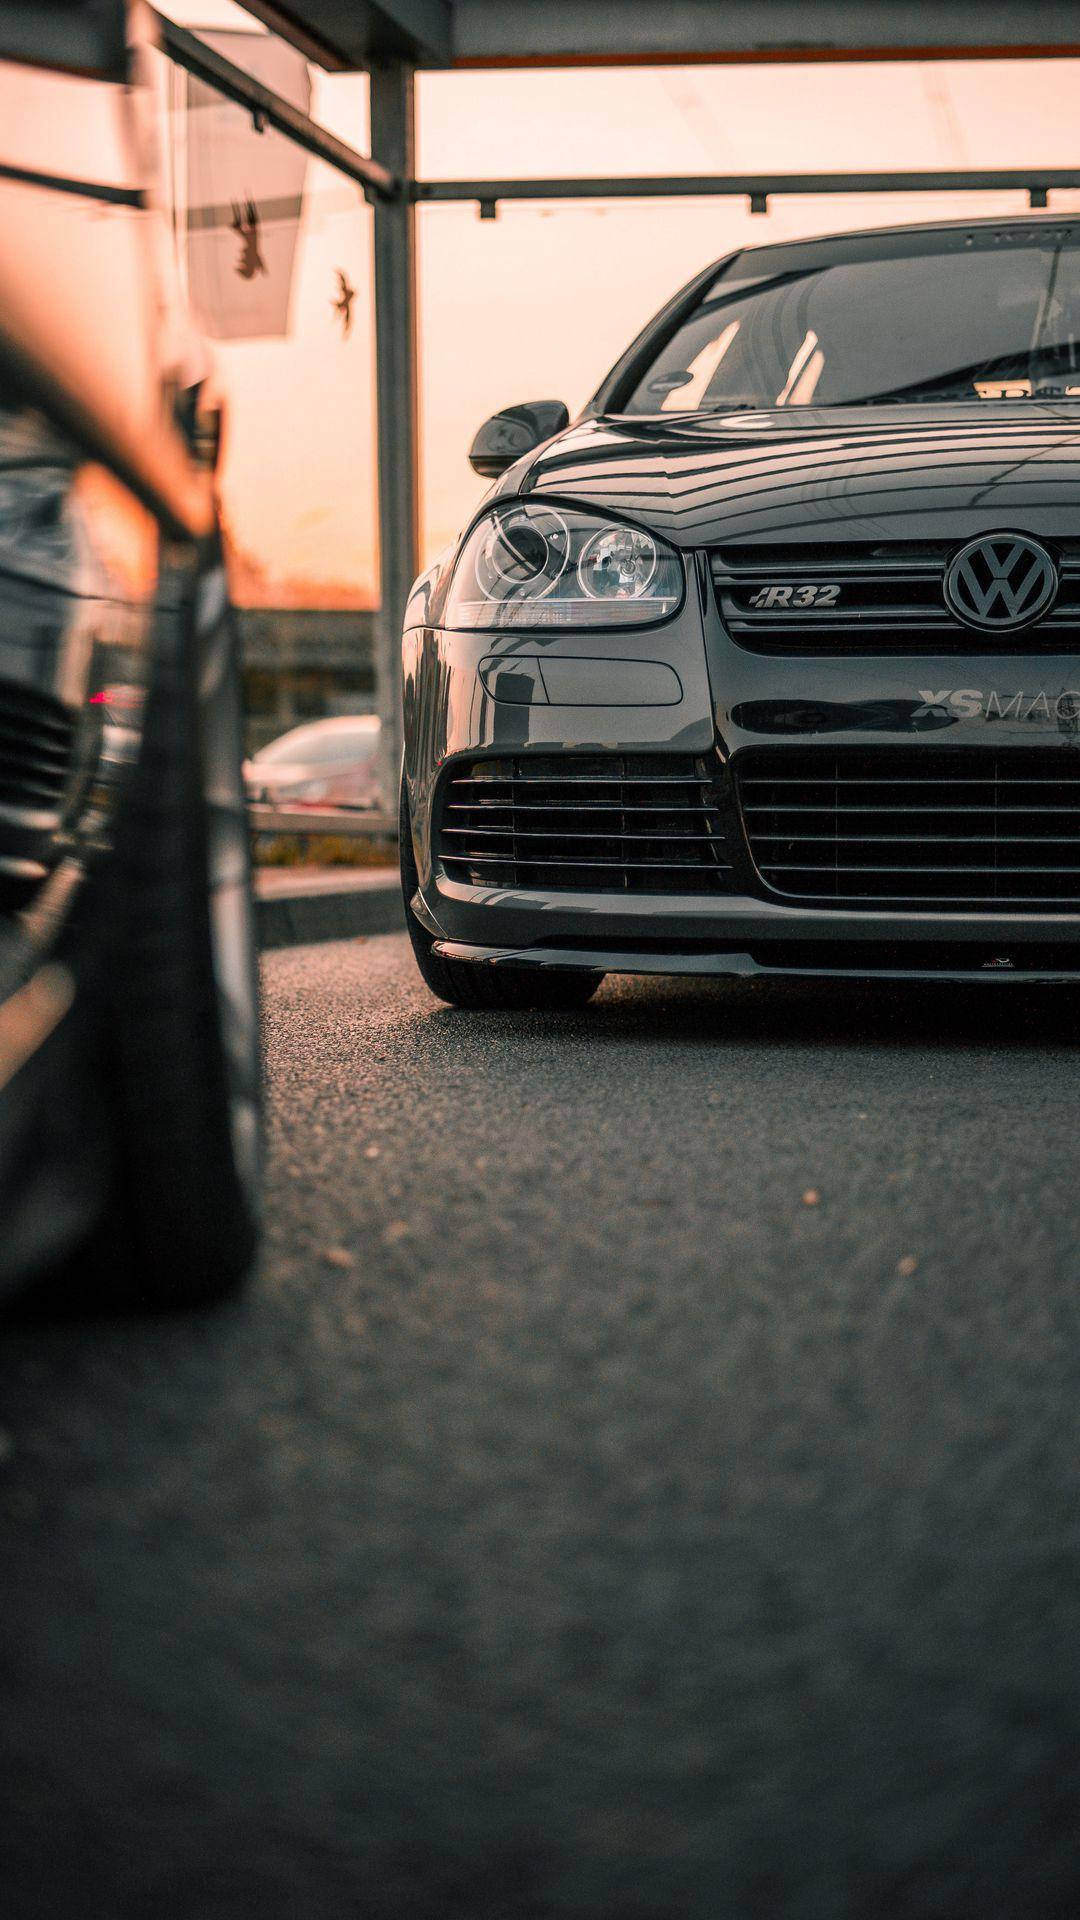 Volkswagen R32 Wallpapers Free Download